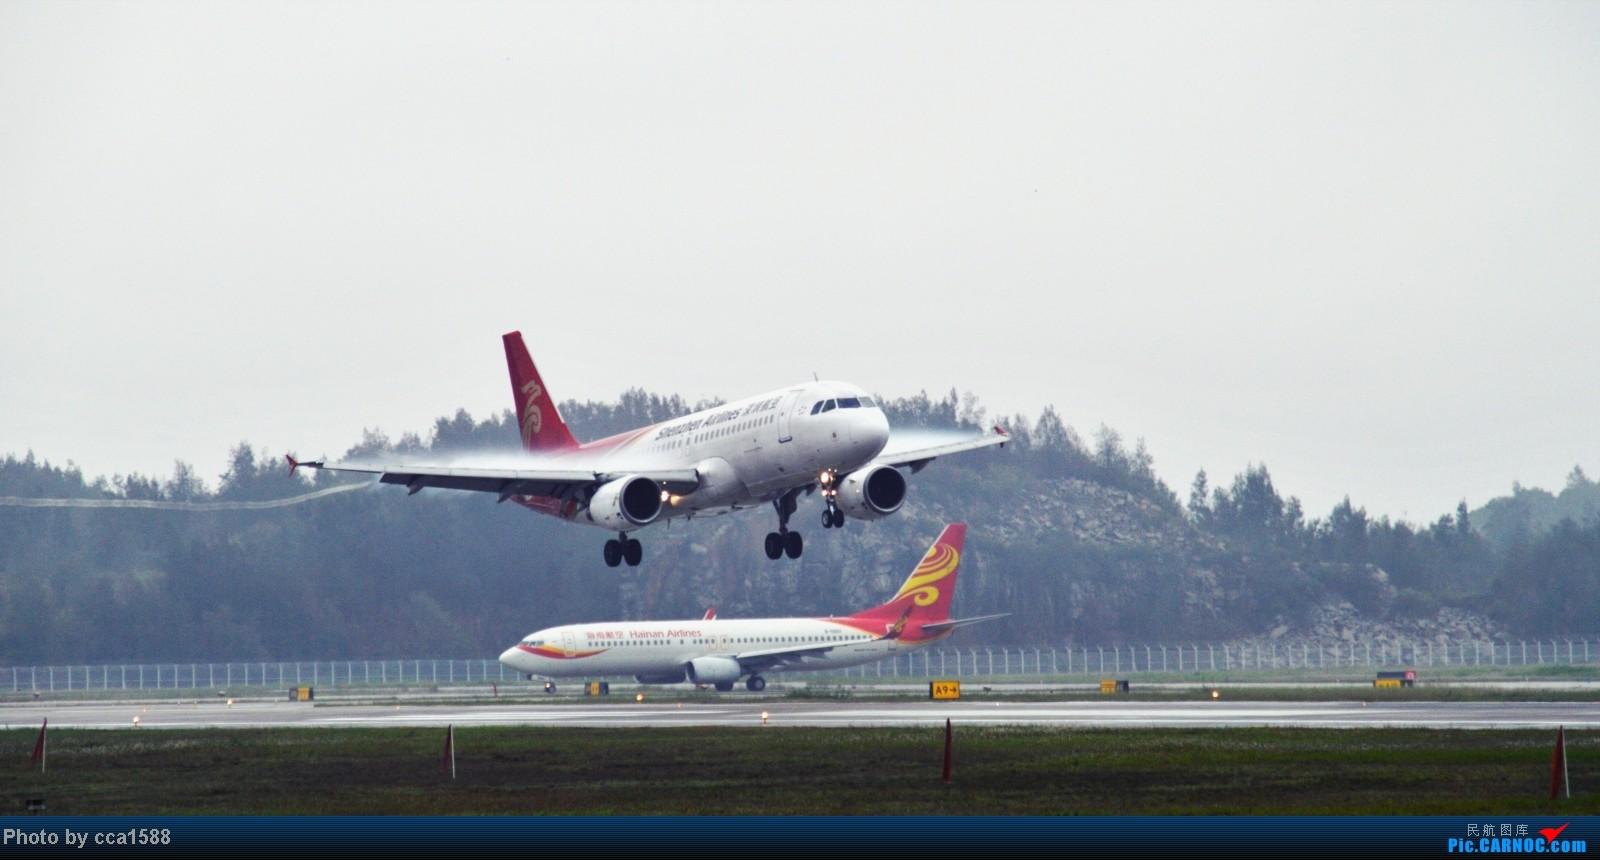 Re:[原创]4.26FOC拍机--烂天出好机,各种奇葩货~~ AIRBUS A320-200 B-6568 中国福州长乐机场